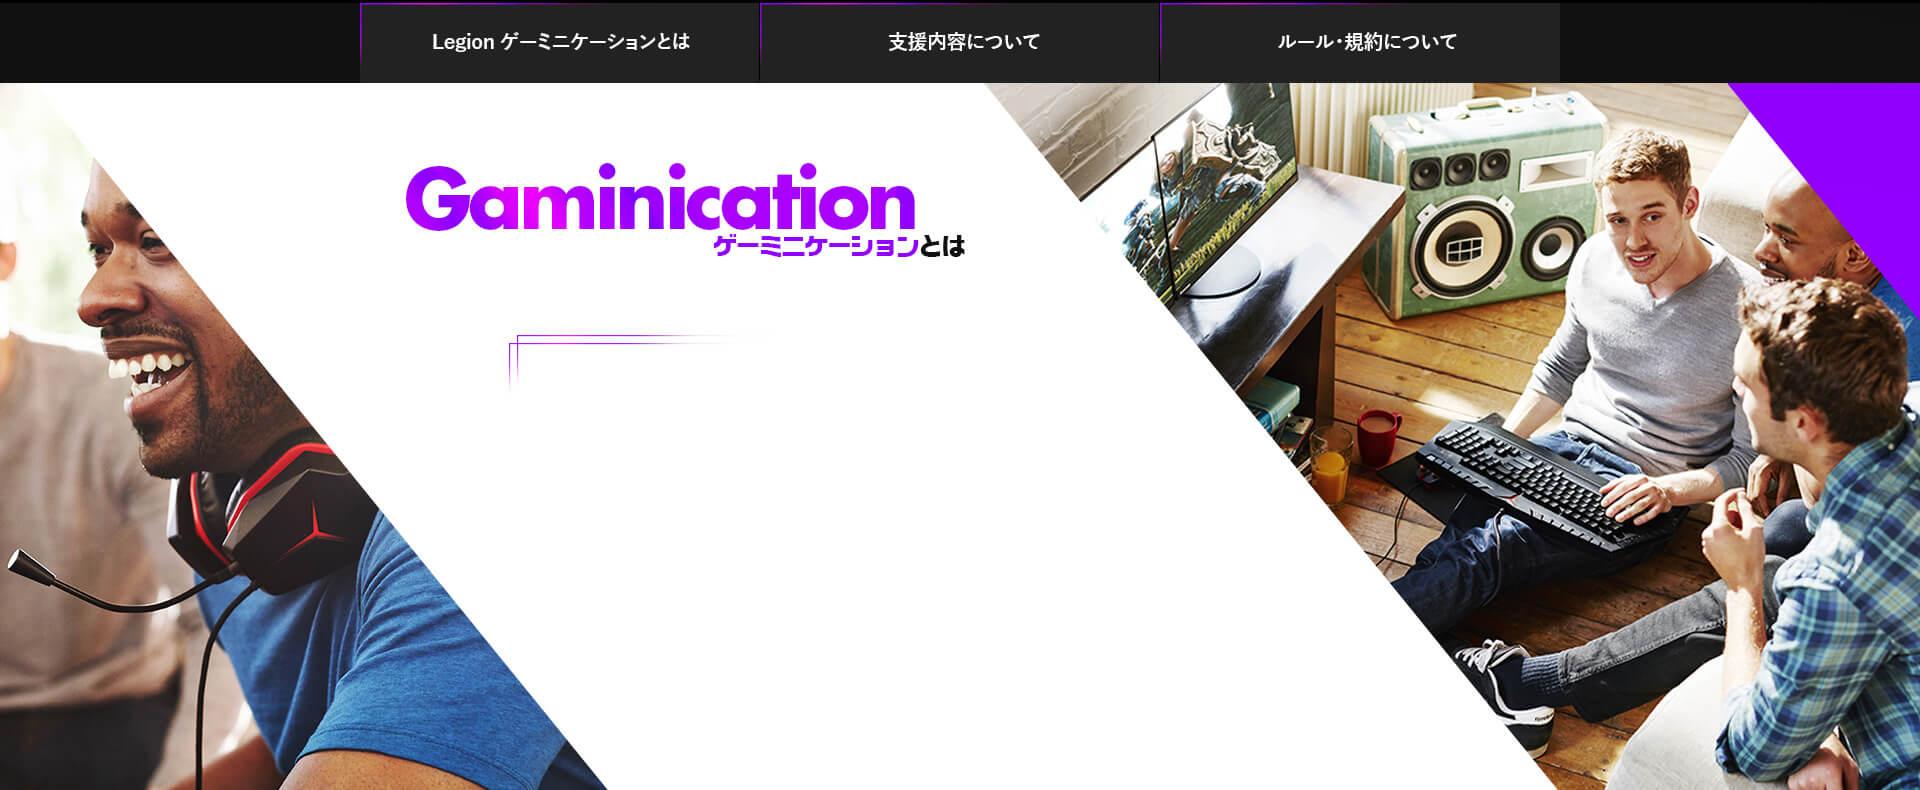 Gaminication ゲーミニケーションとは